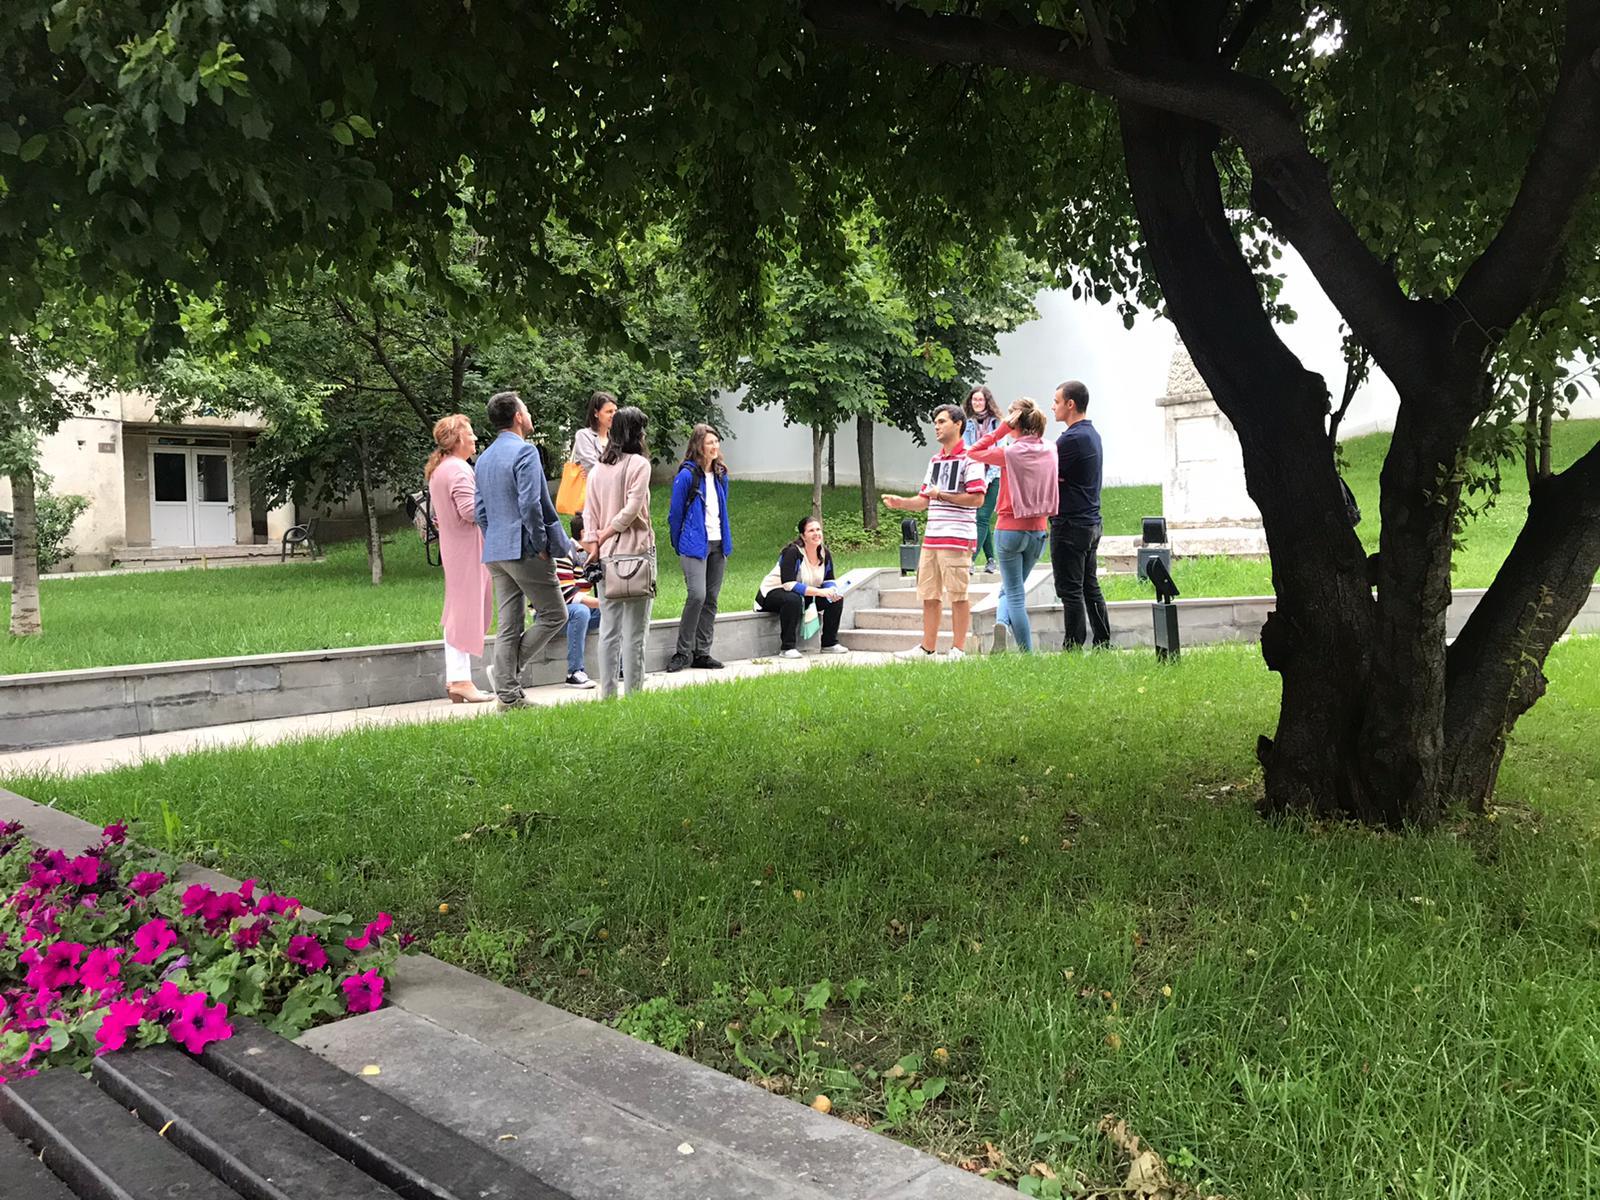 Istoria si povestile Ramnicului - de la Mircea cel Batran pana in prezent